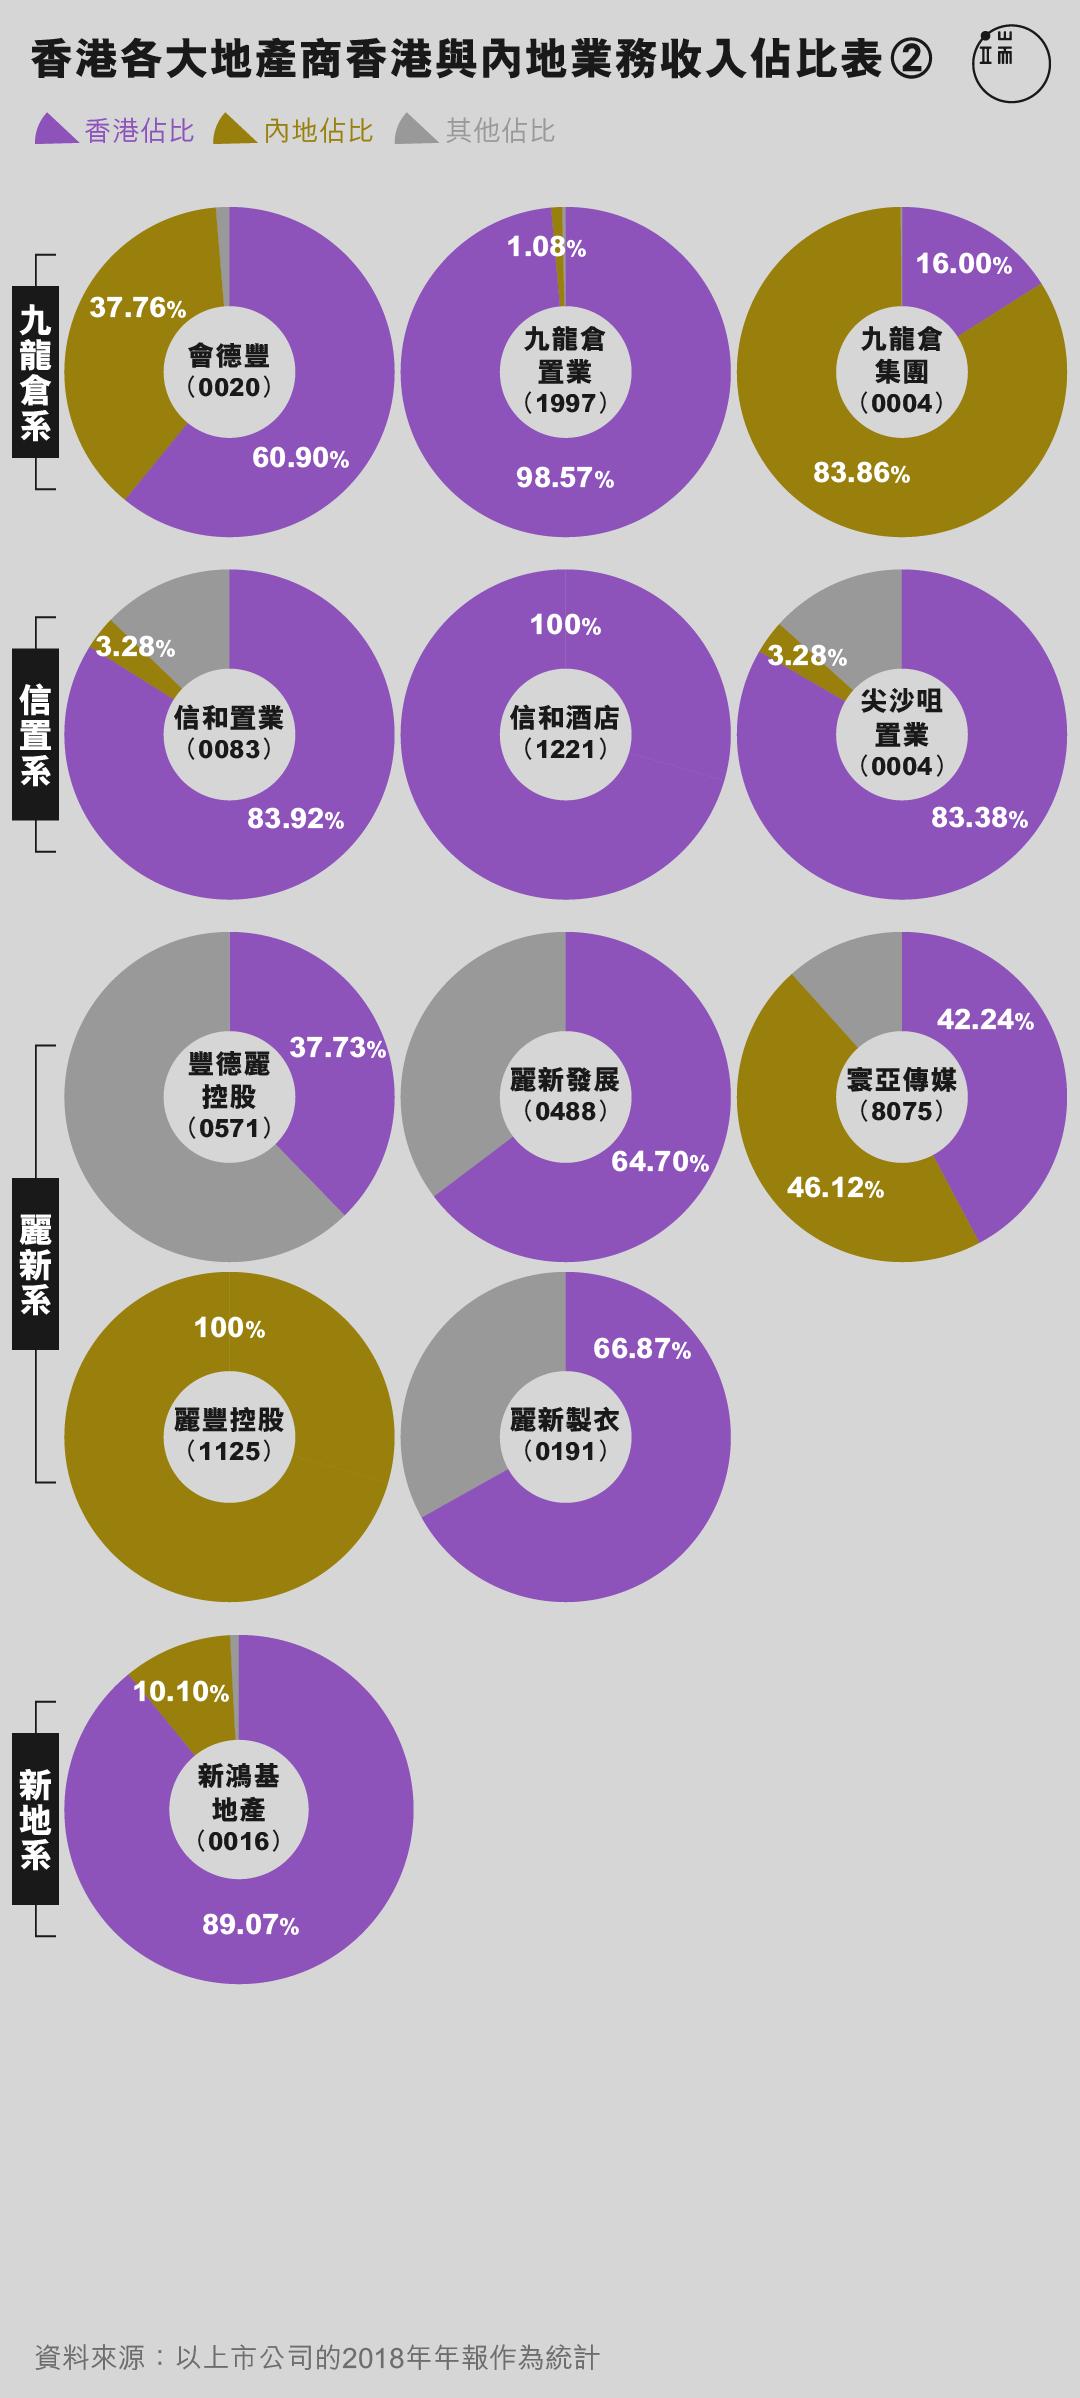 香港各大地產商香港與內地業務收入佔比表。